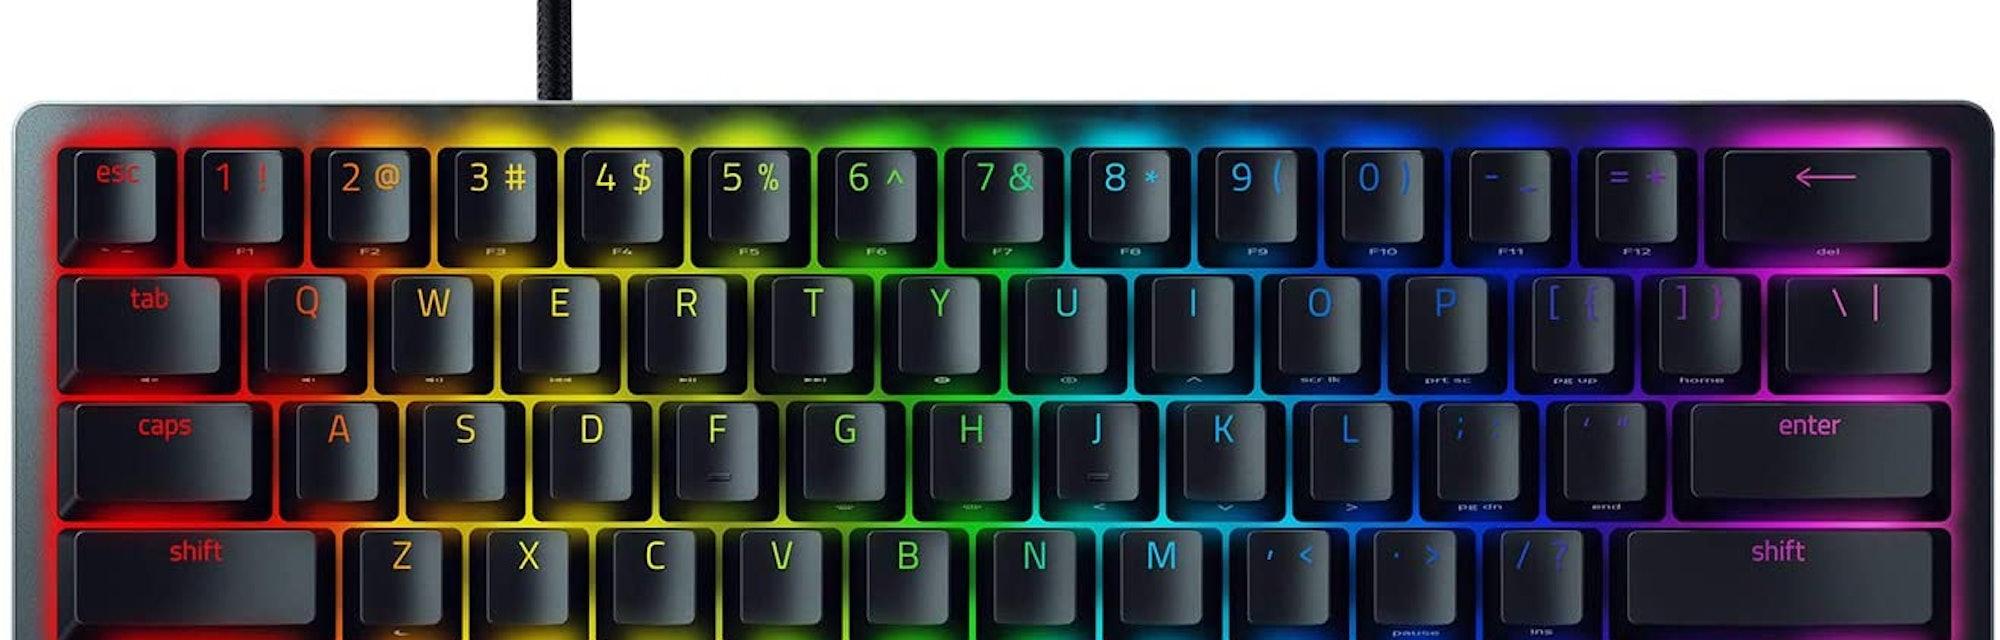 best mini keyboards